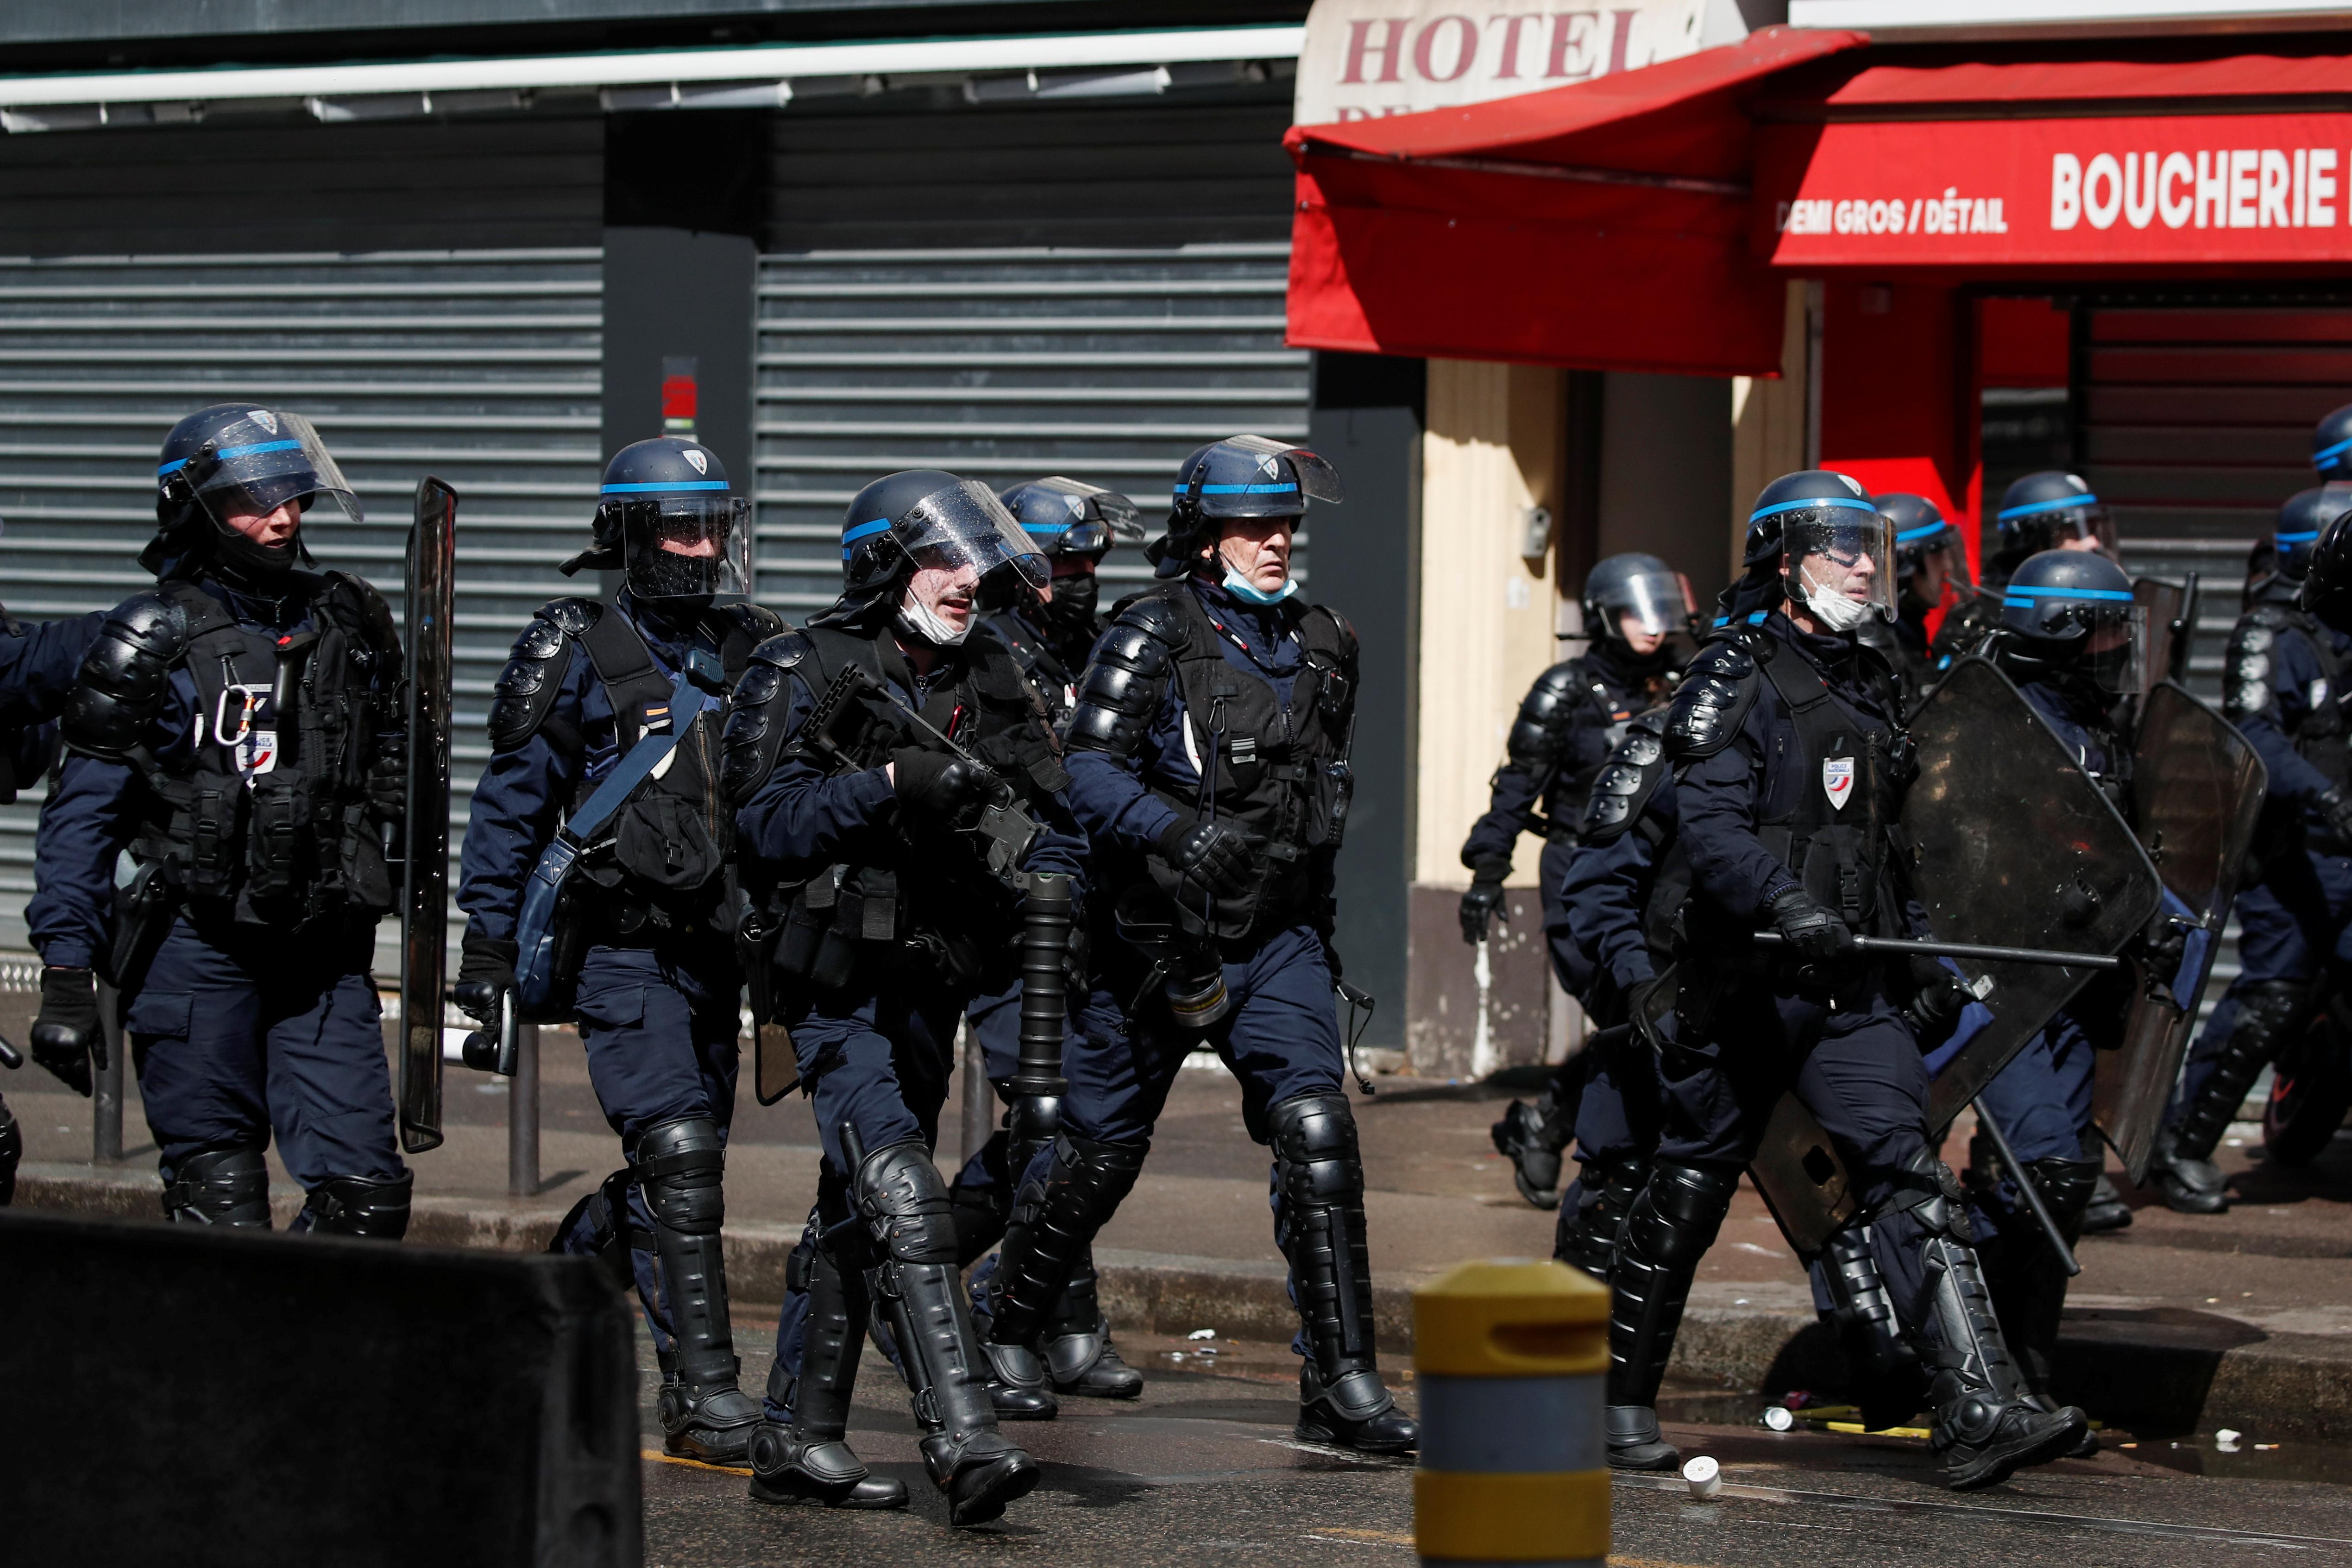 15 წლის 2021 მაისს, პარიზში, ისრაელ-პალესტინელთა ძალადობის შედეგად, პალესტინელების მხარდასაჭერად საპროტესტო აქციის დროს პოლიციელები დადიან ქუჩაში. REUTERS / Benoit Tessier